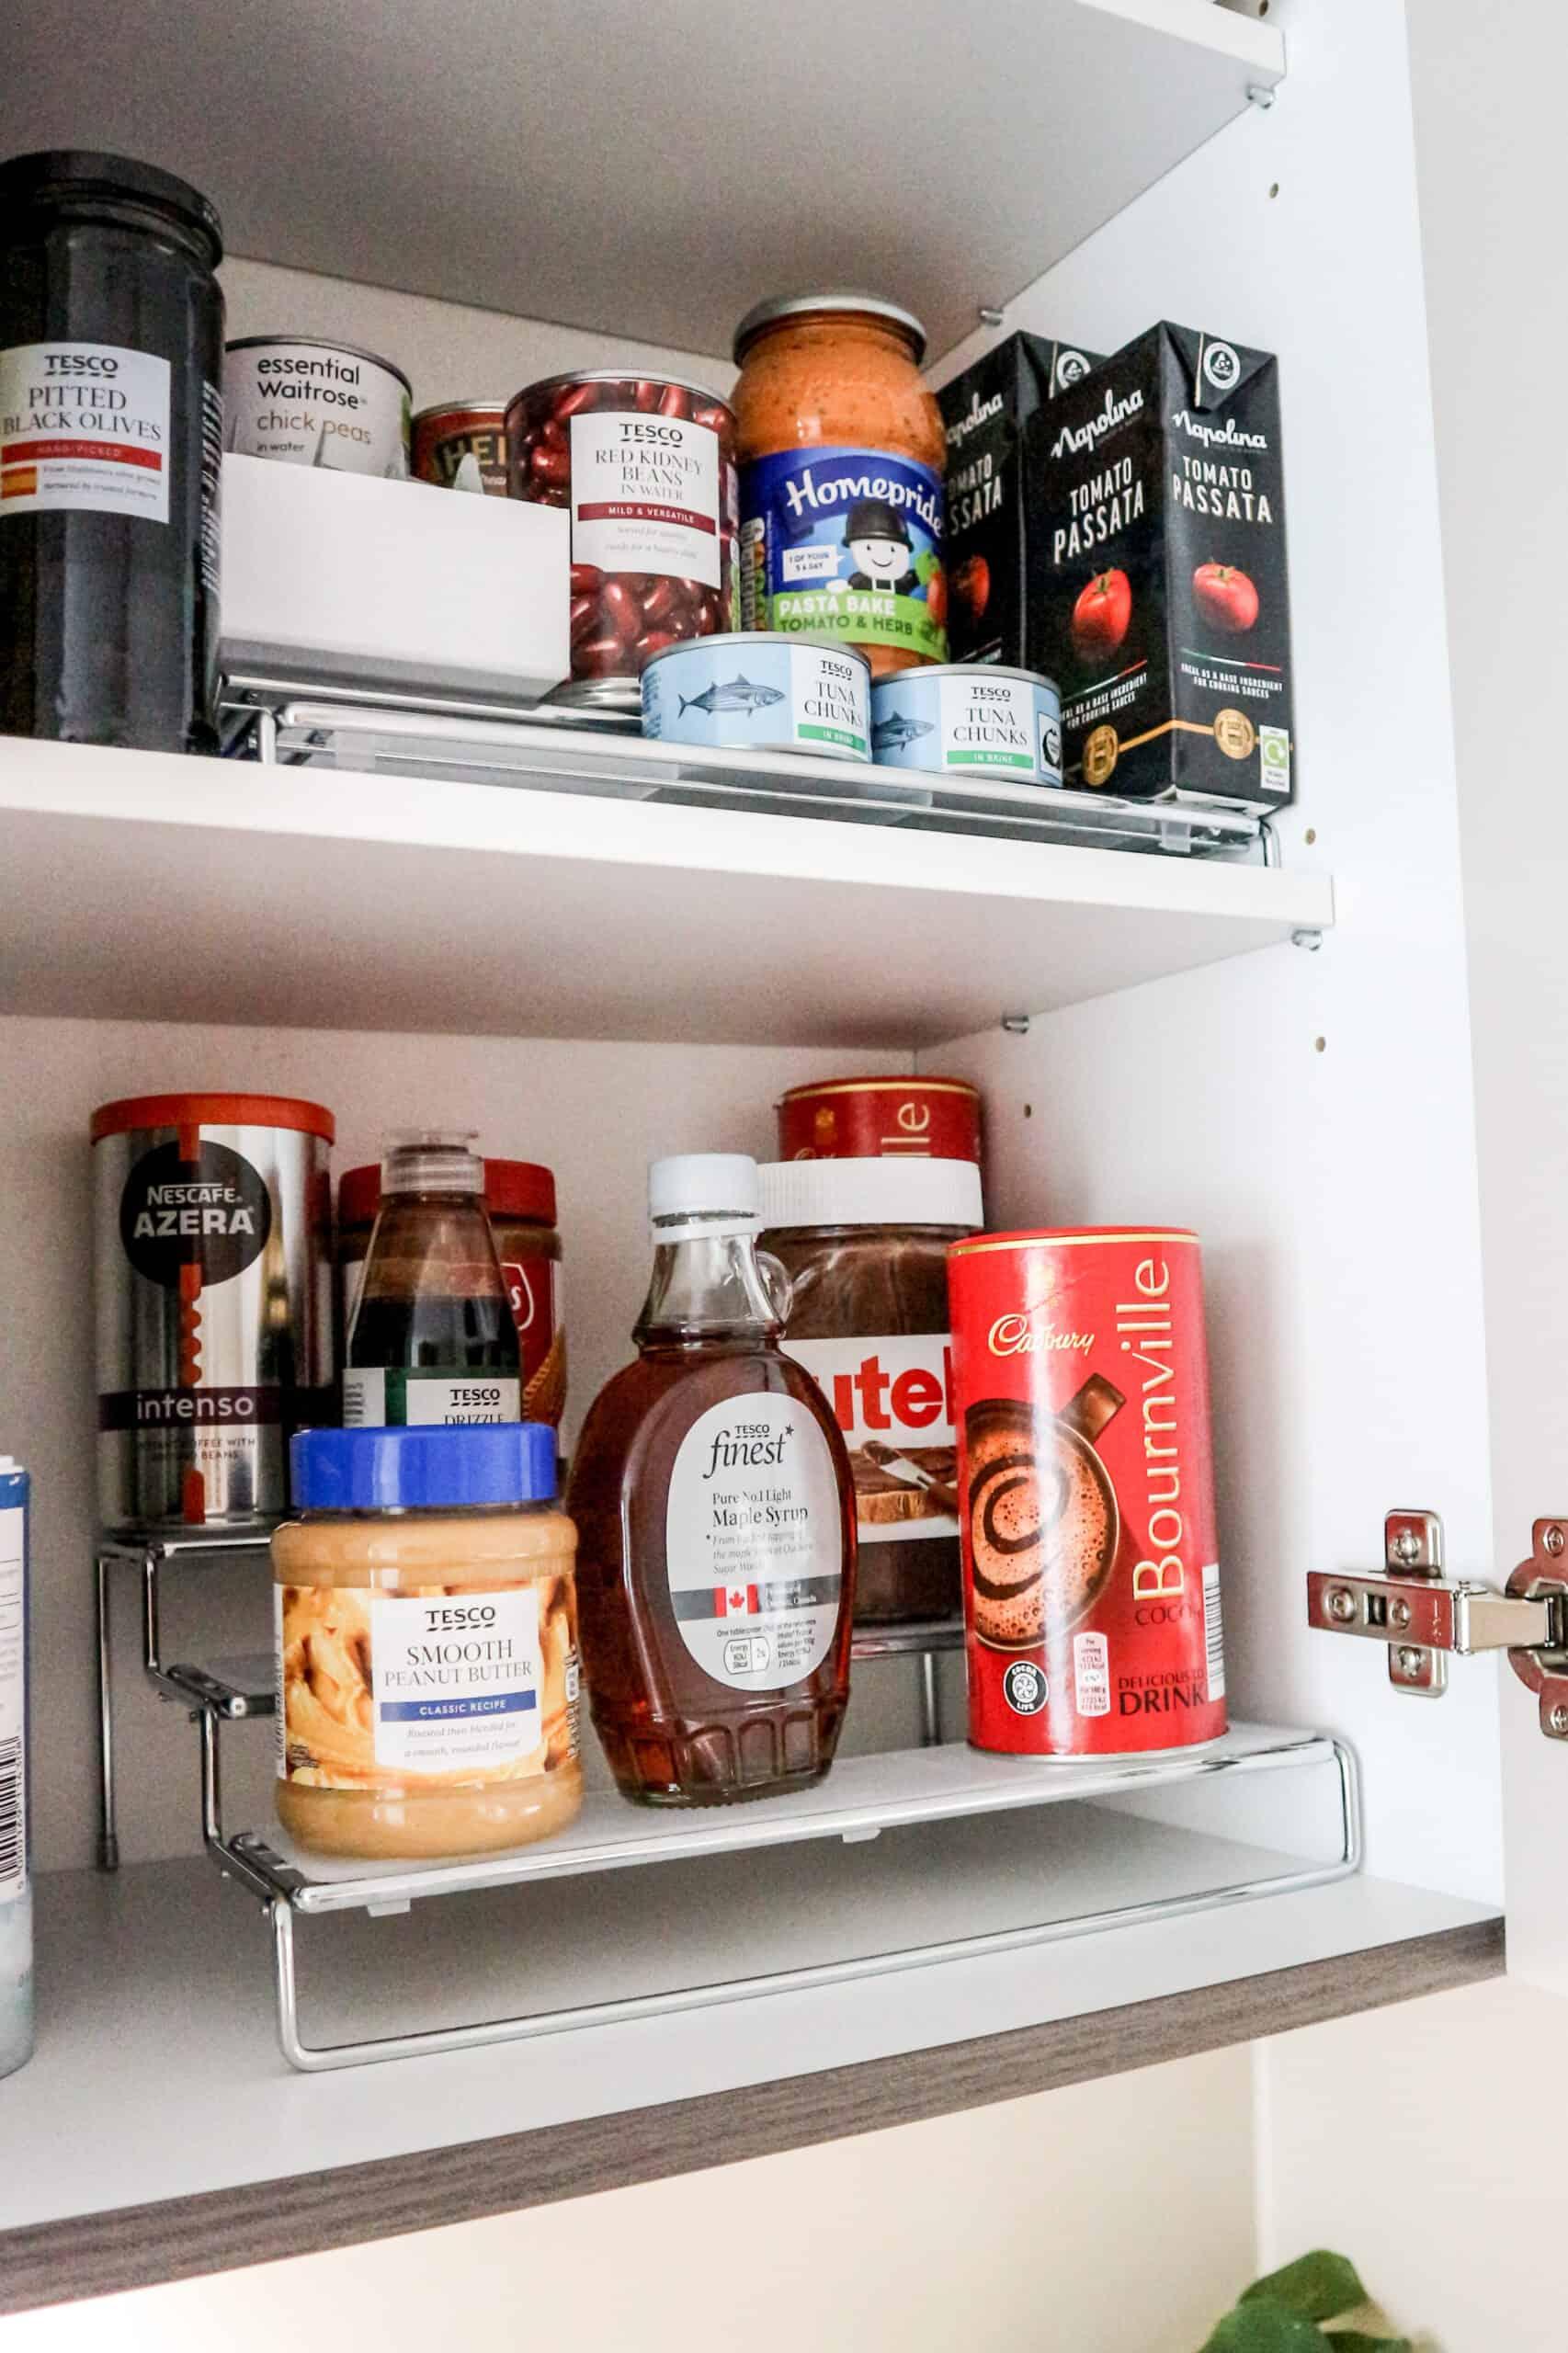 Kitchen storage organization tips and hacks